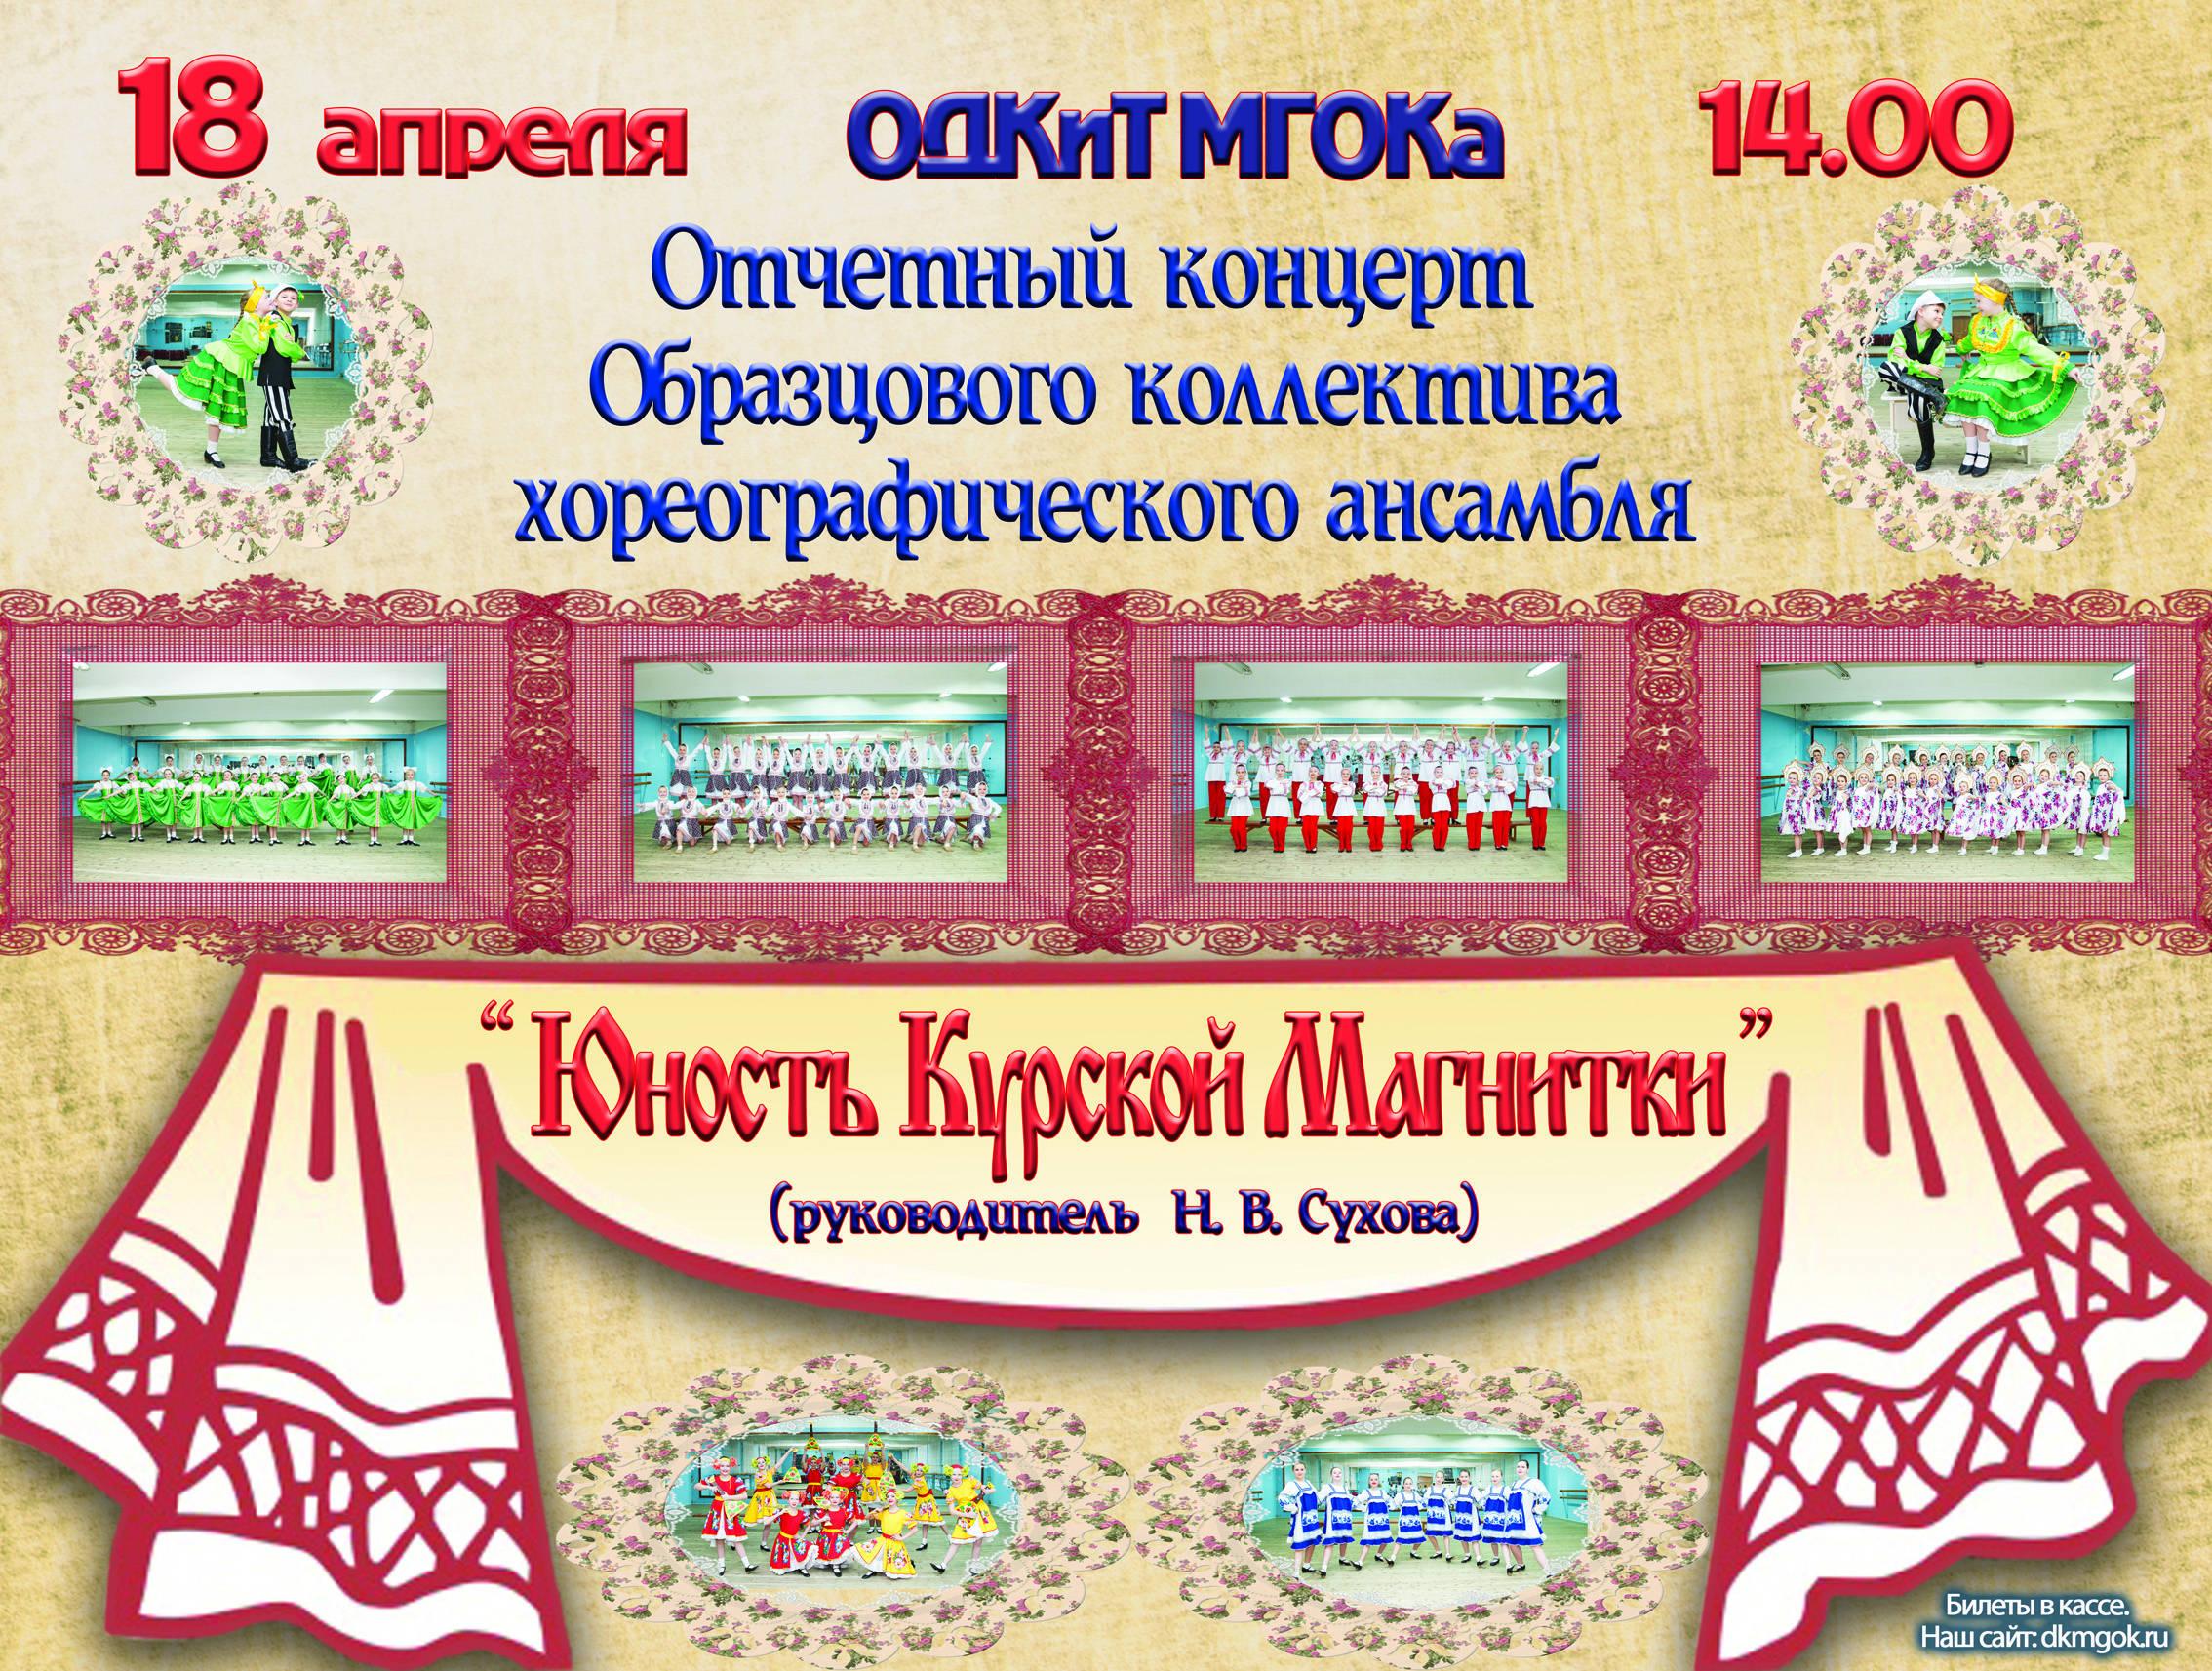 Сценарий отчётного концерта хореографического коллективов дома культуры